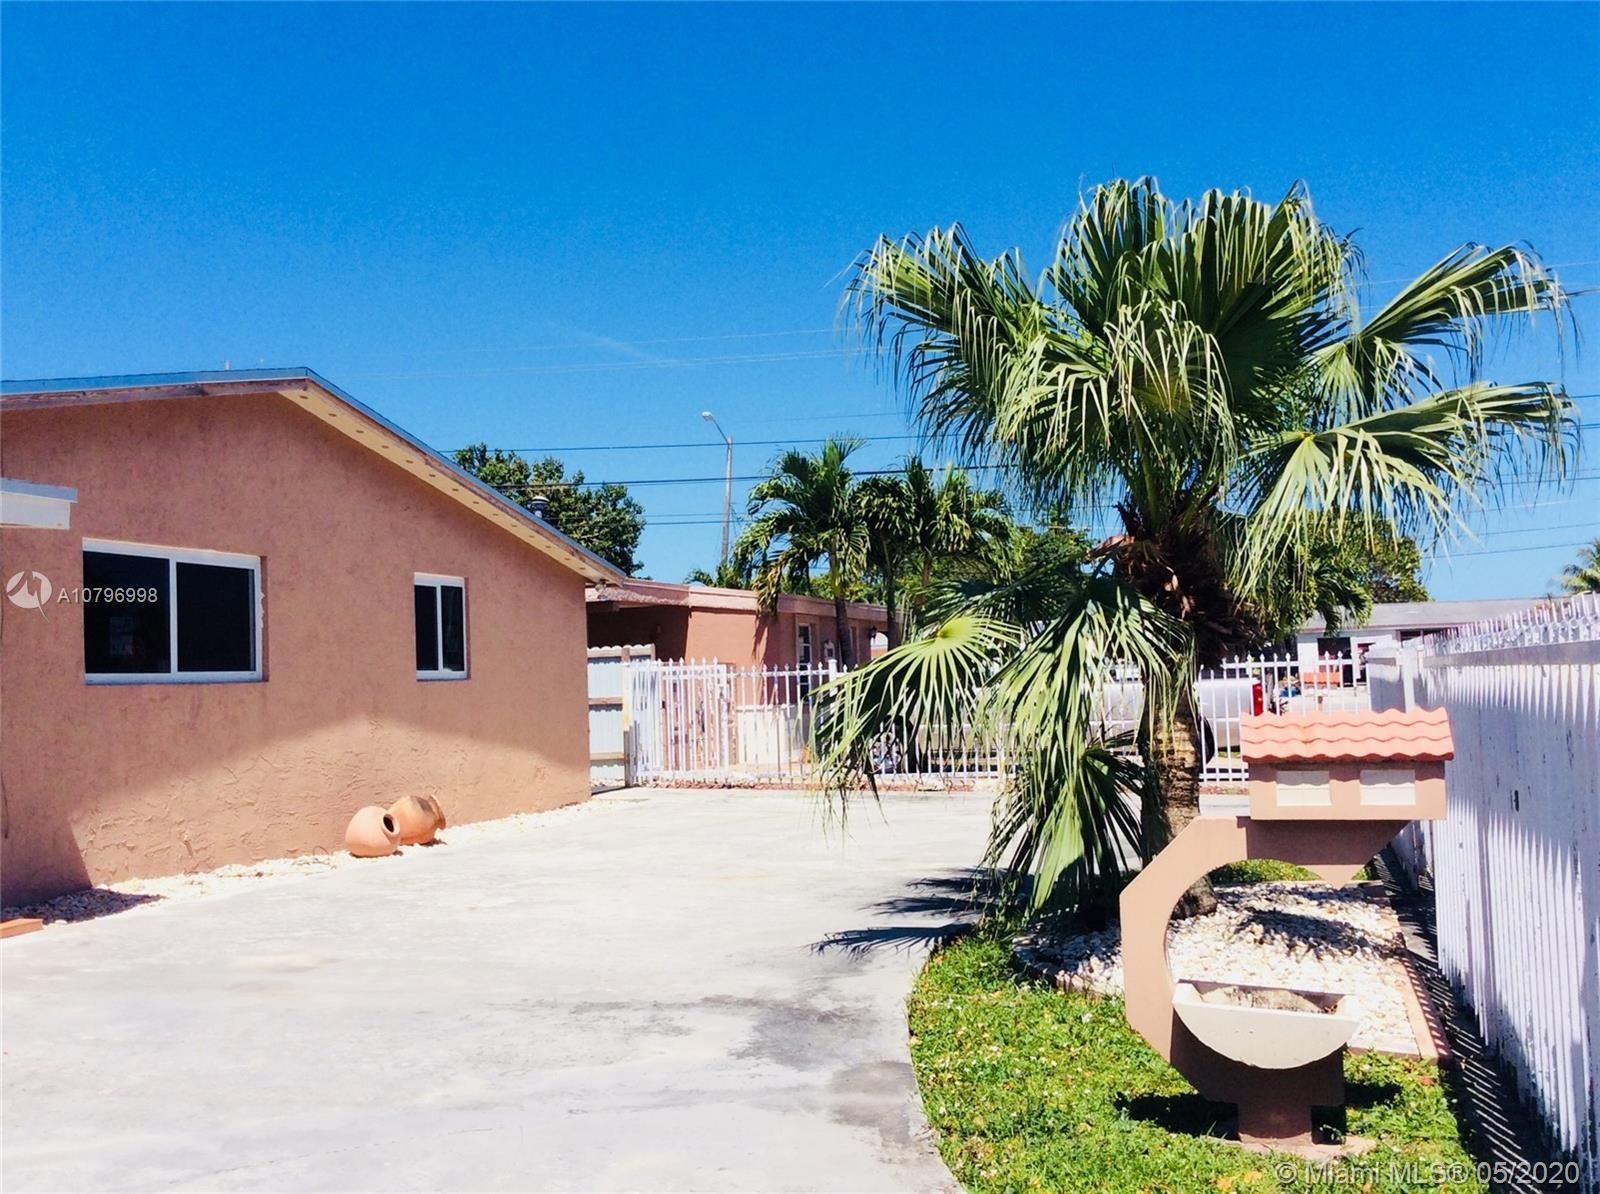 1211 W 62nd St, Hialeah, FL 33012 - MLS#: A10796998